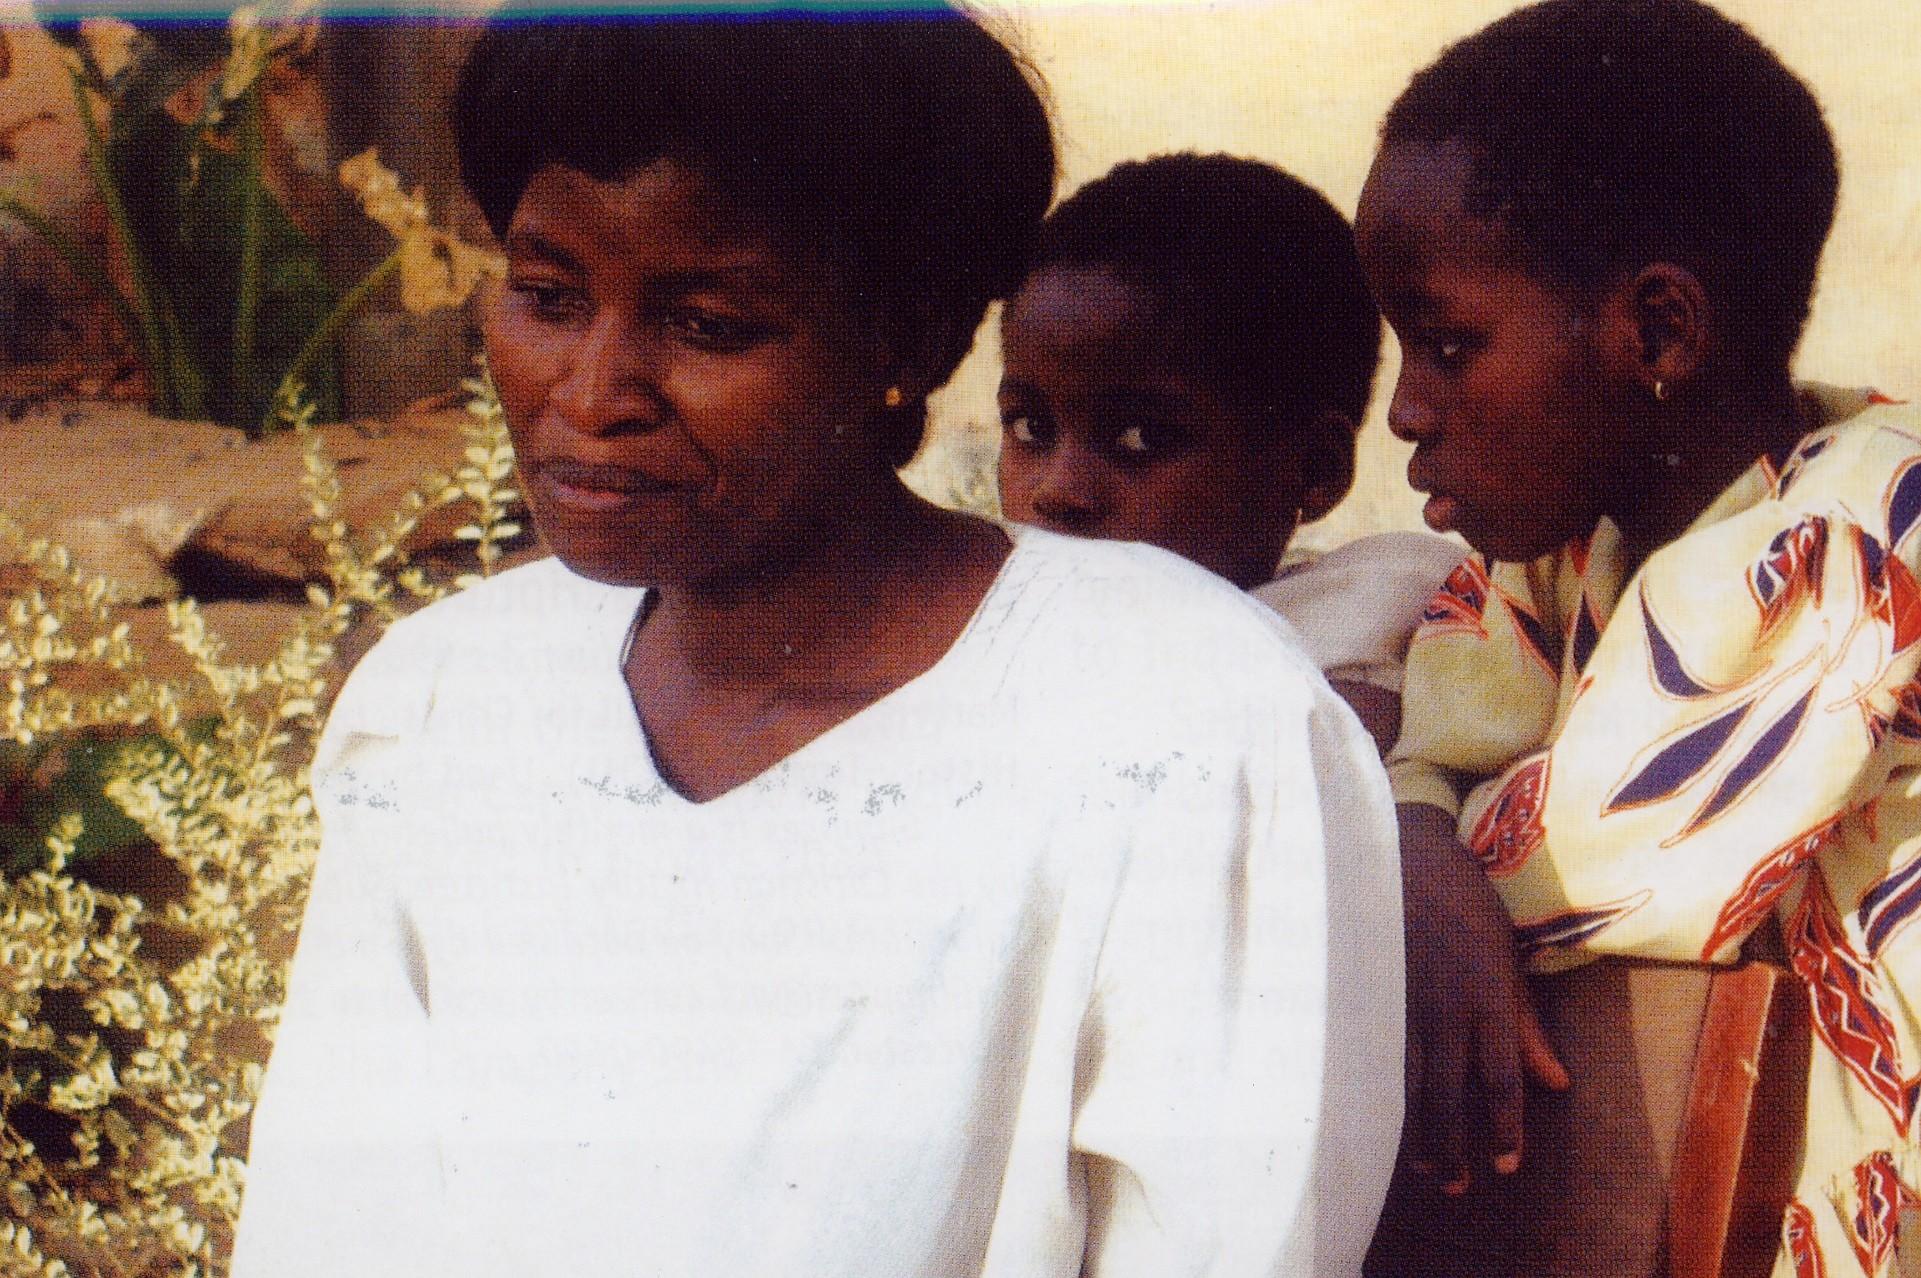 Otin tämän kuvan Rosesta ja hänen kahdesta lapsestaan heidän kotinsa ulkpuolella 2001. Vaikka hän ei tiennyt, miten huolehtisi perheestään, hän sanoi, 'Jumala on ollut uskollinen'. USA 11-2012